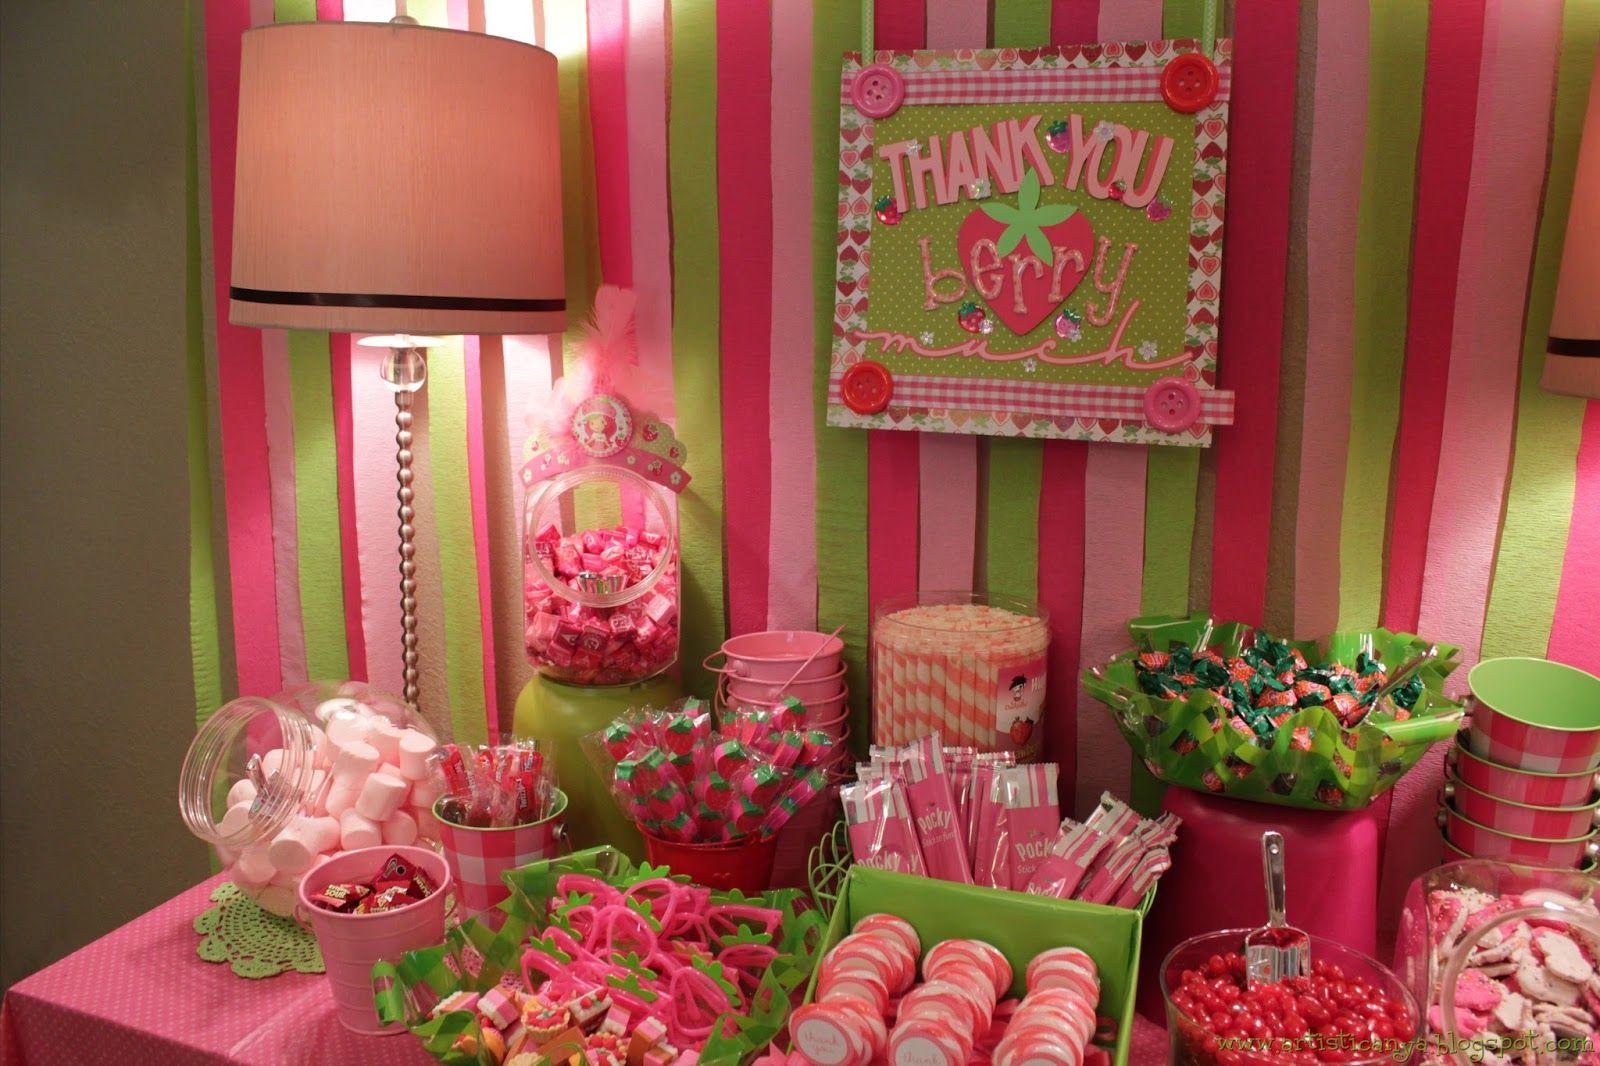 Strawberry Shortcake Party   Pinterest   Strawberry shortcake party ...